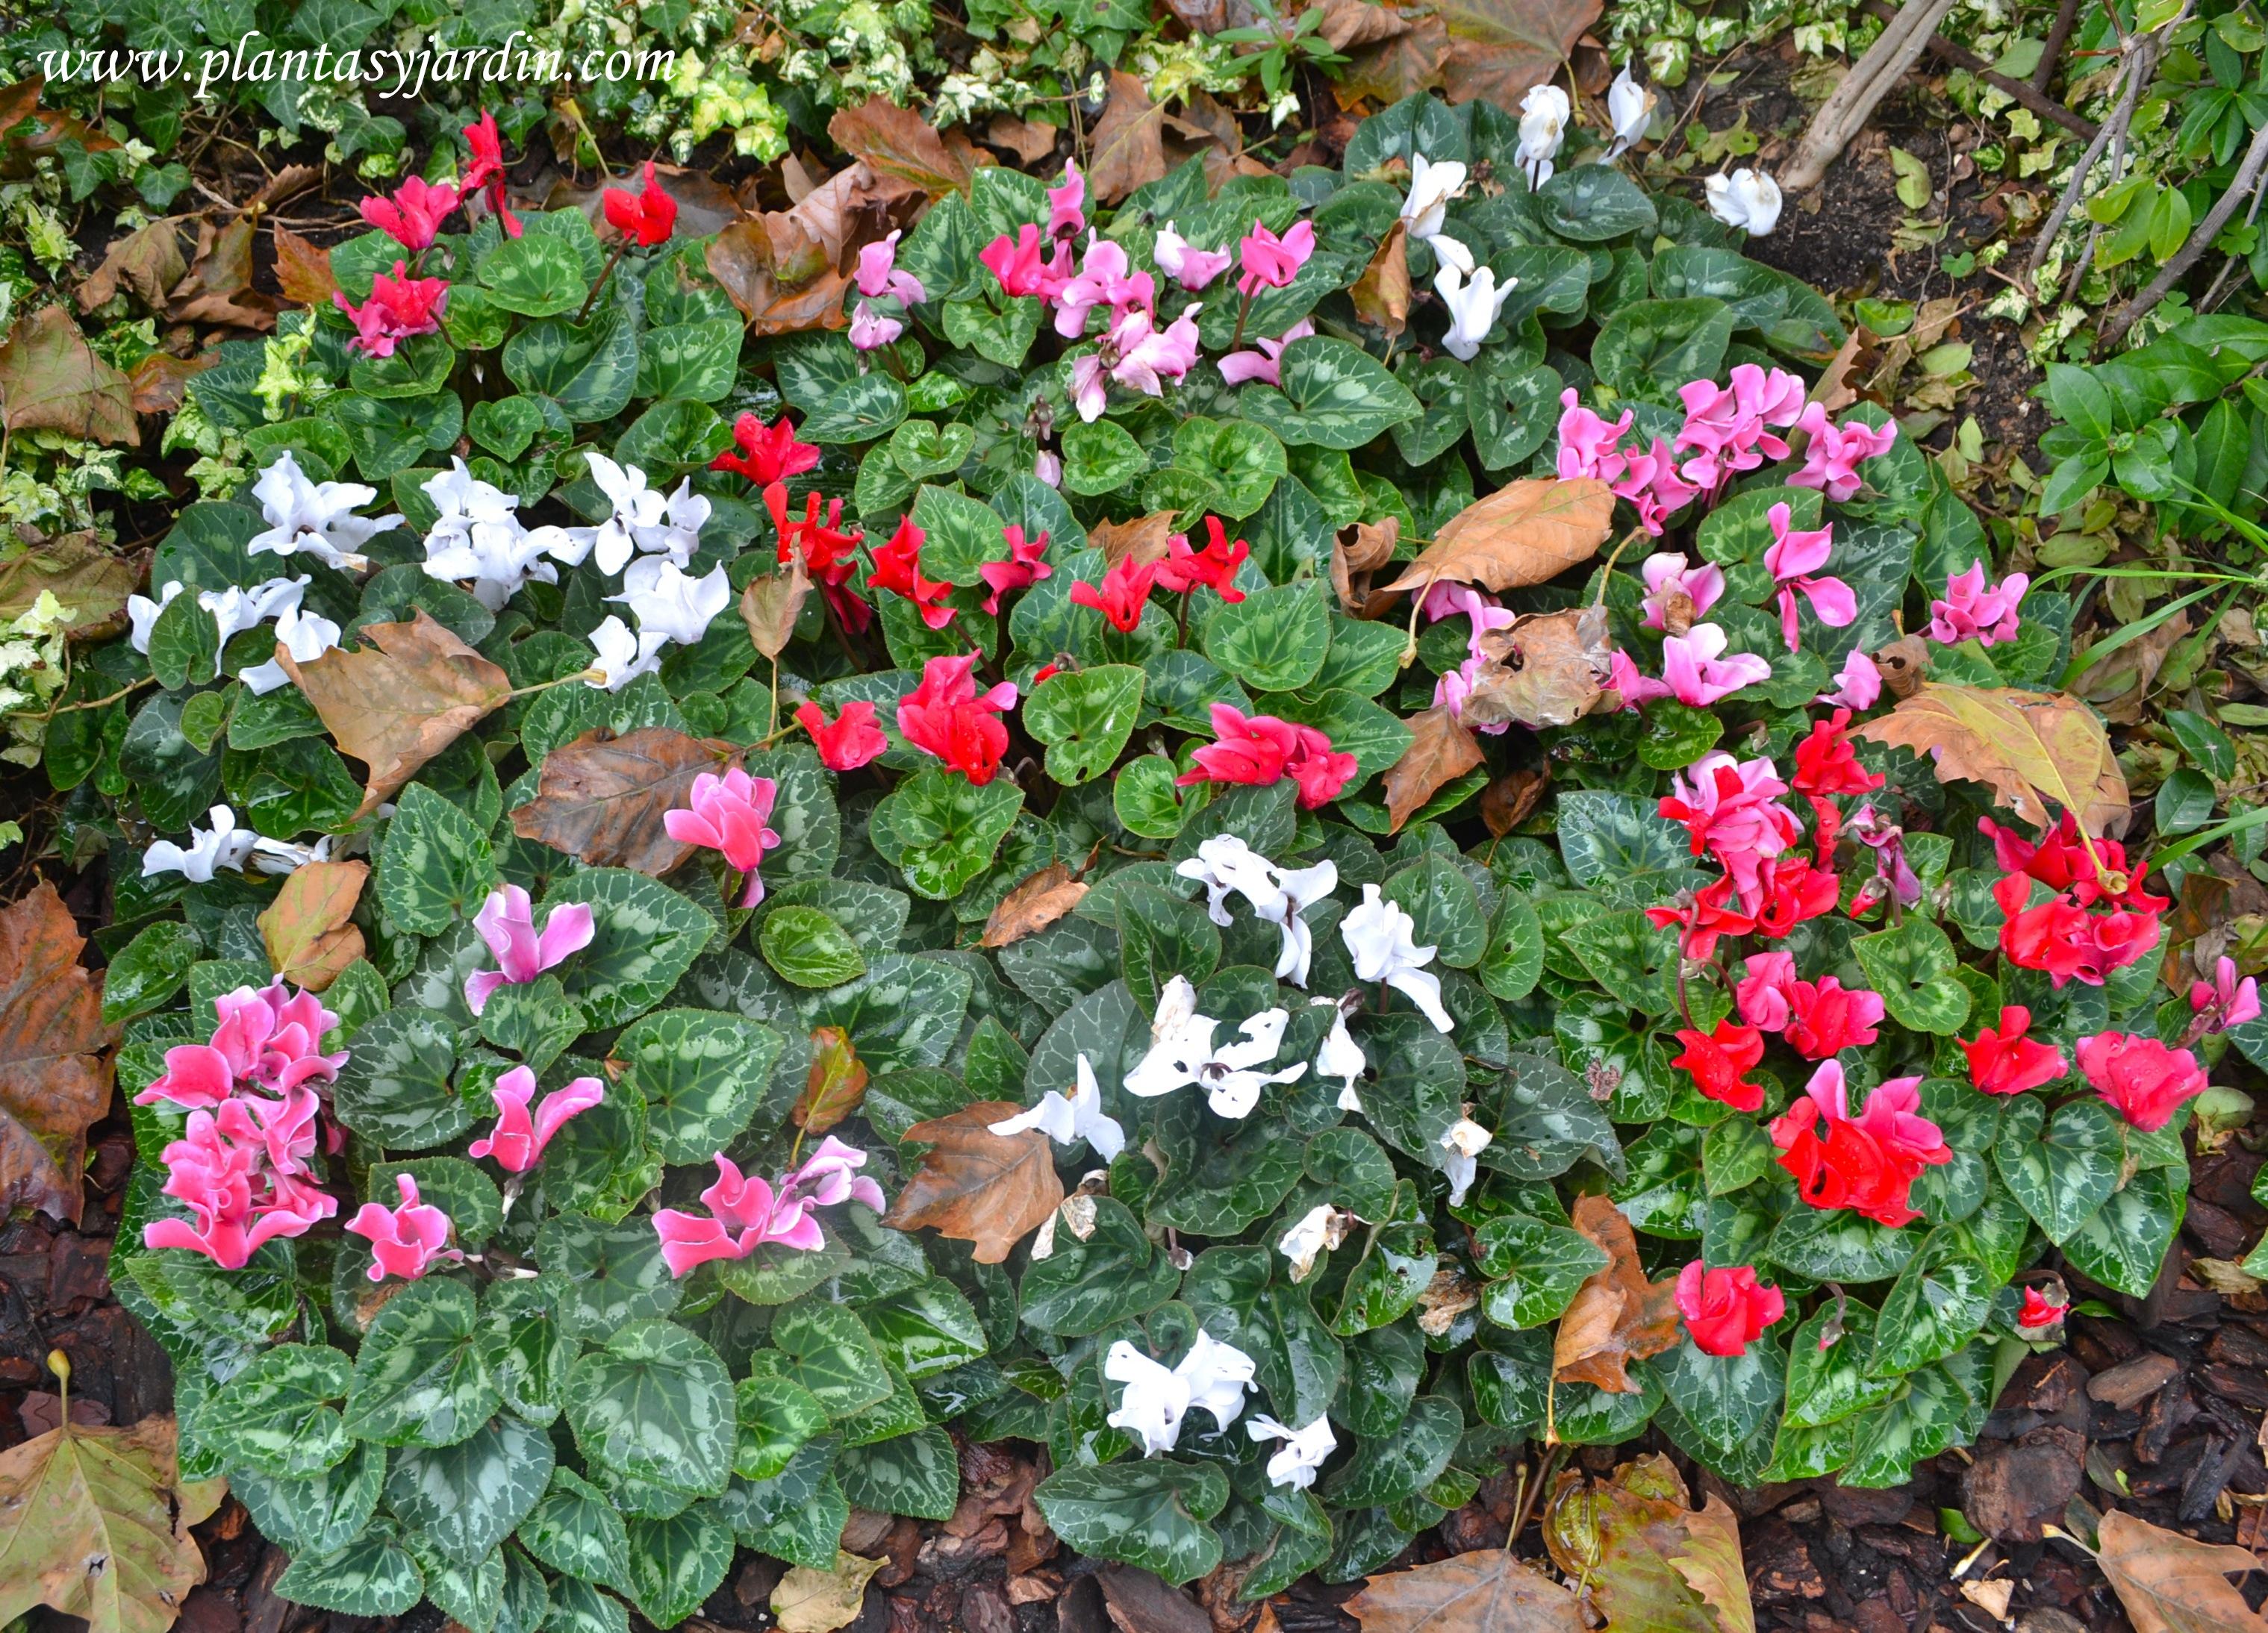 Plantines de invierno plantas y jard n - Plantas de invierno ...